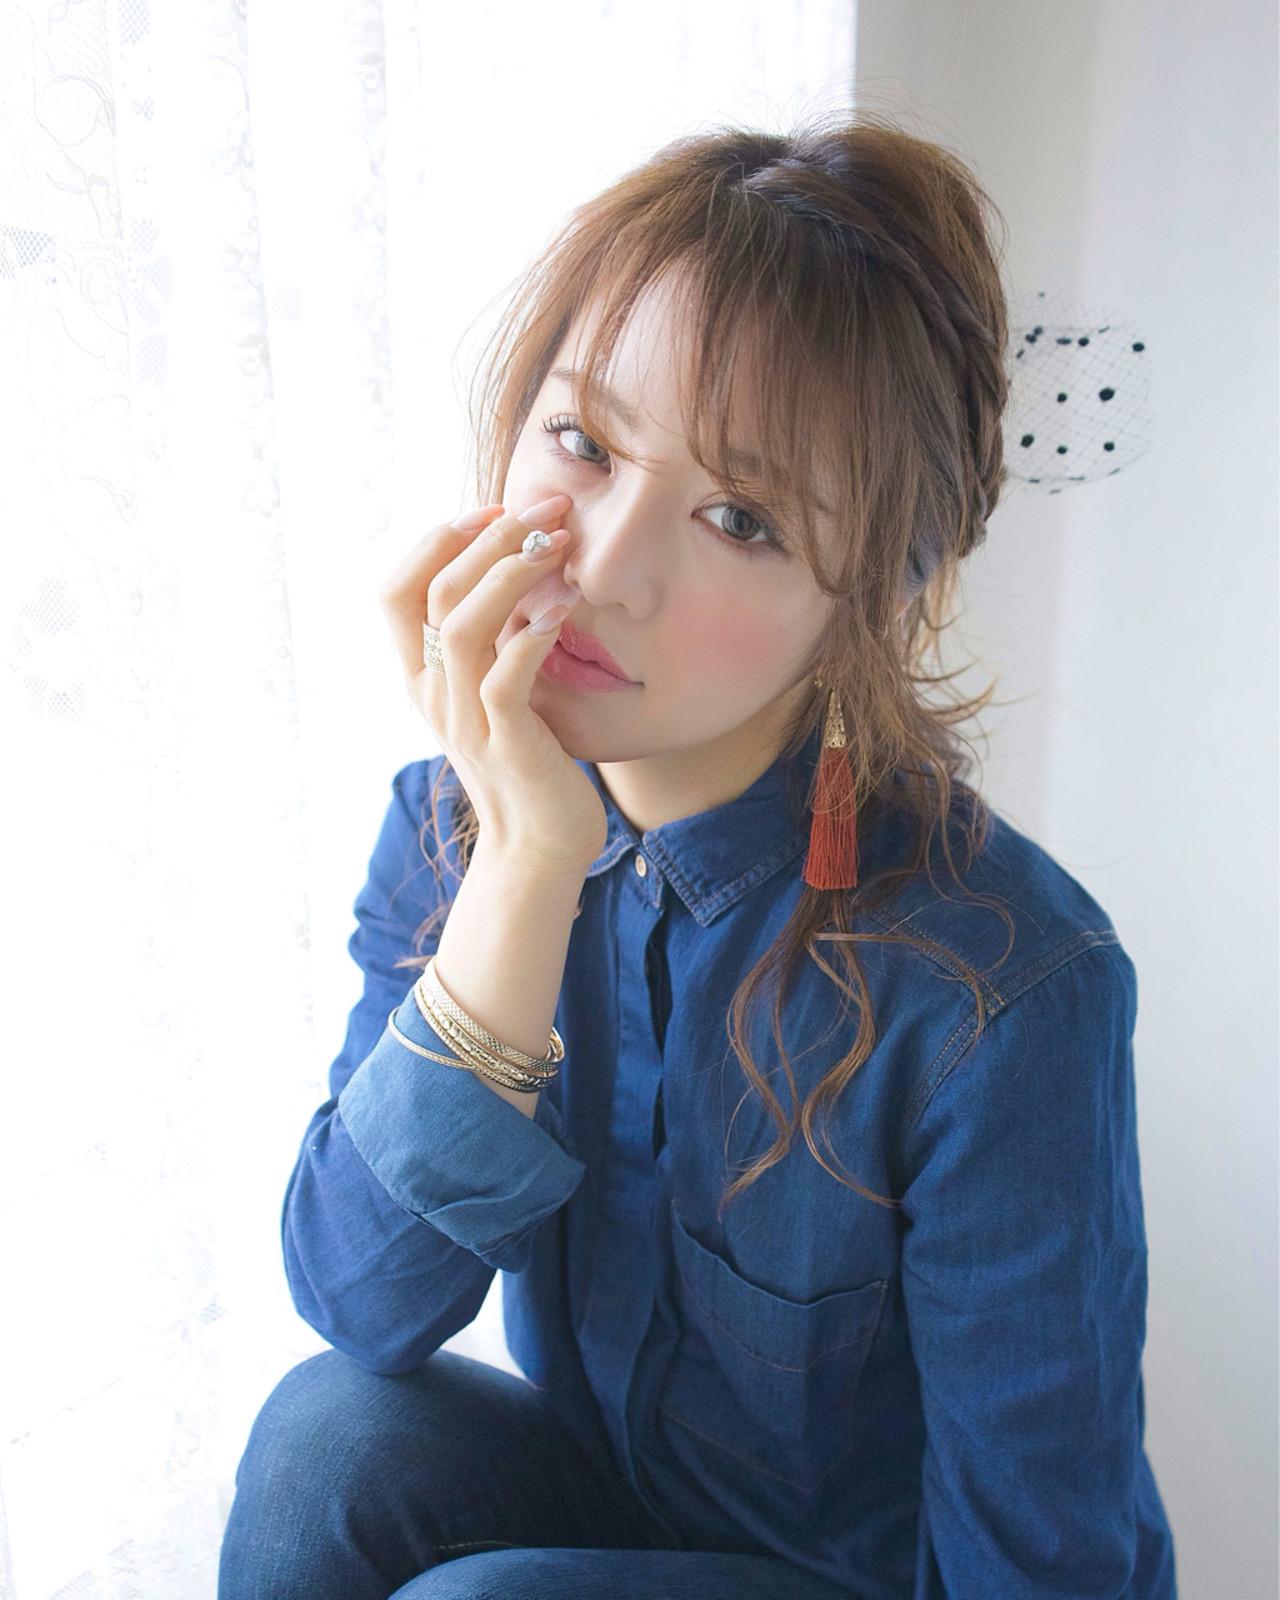 韓国で流行りの「복숭아メイク(桃メイク)」、日本にも上陸か・・・!?♡ 村松彩 / ojiko.